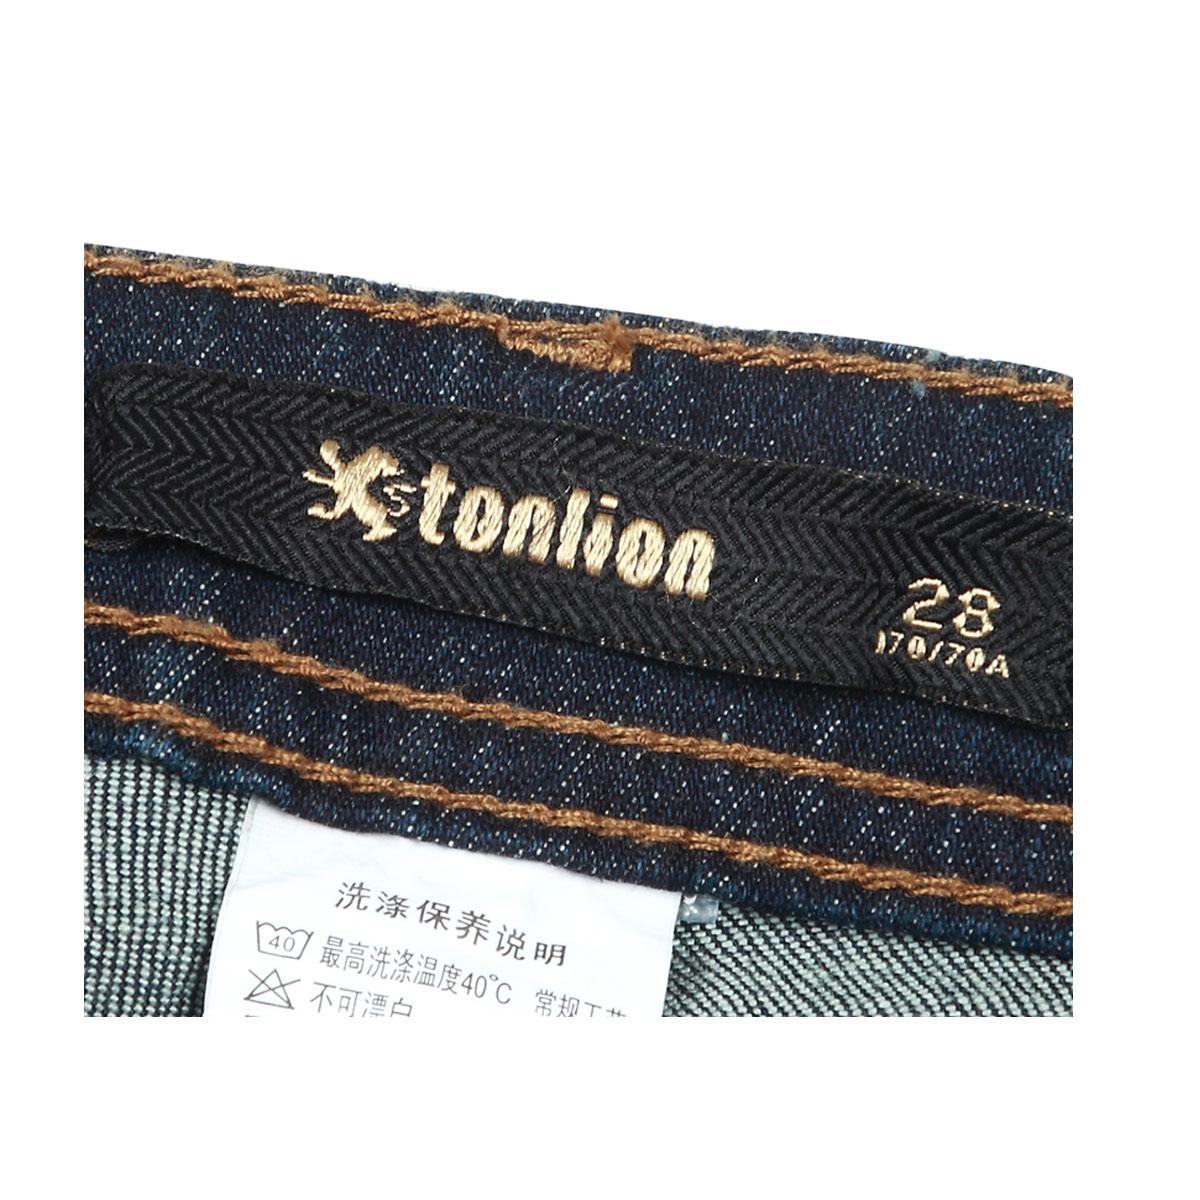 Джинсы женские Tonlion 110422083101 2012 N667 159 Tonlion / Tang lions